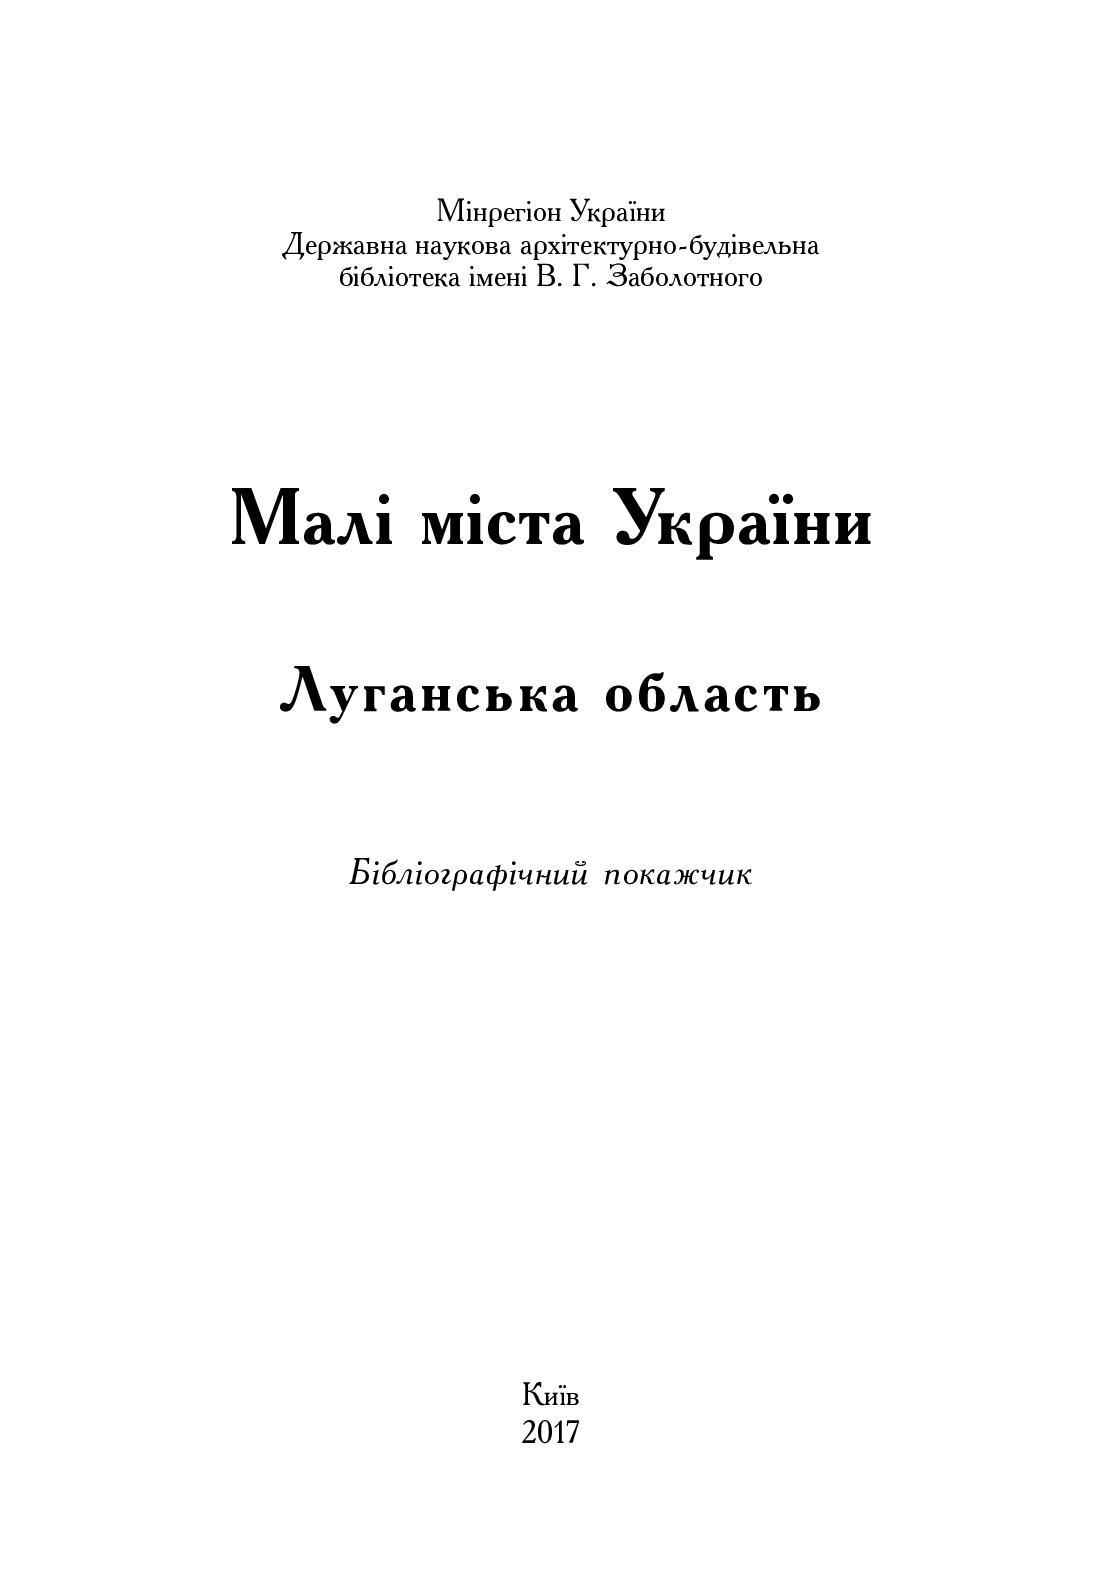 Луганська область 30 10 2017